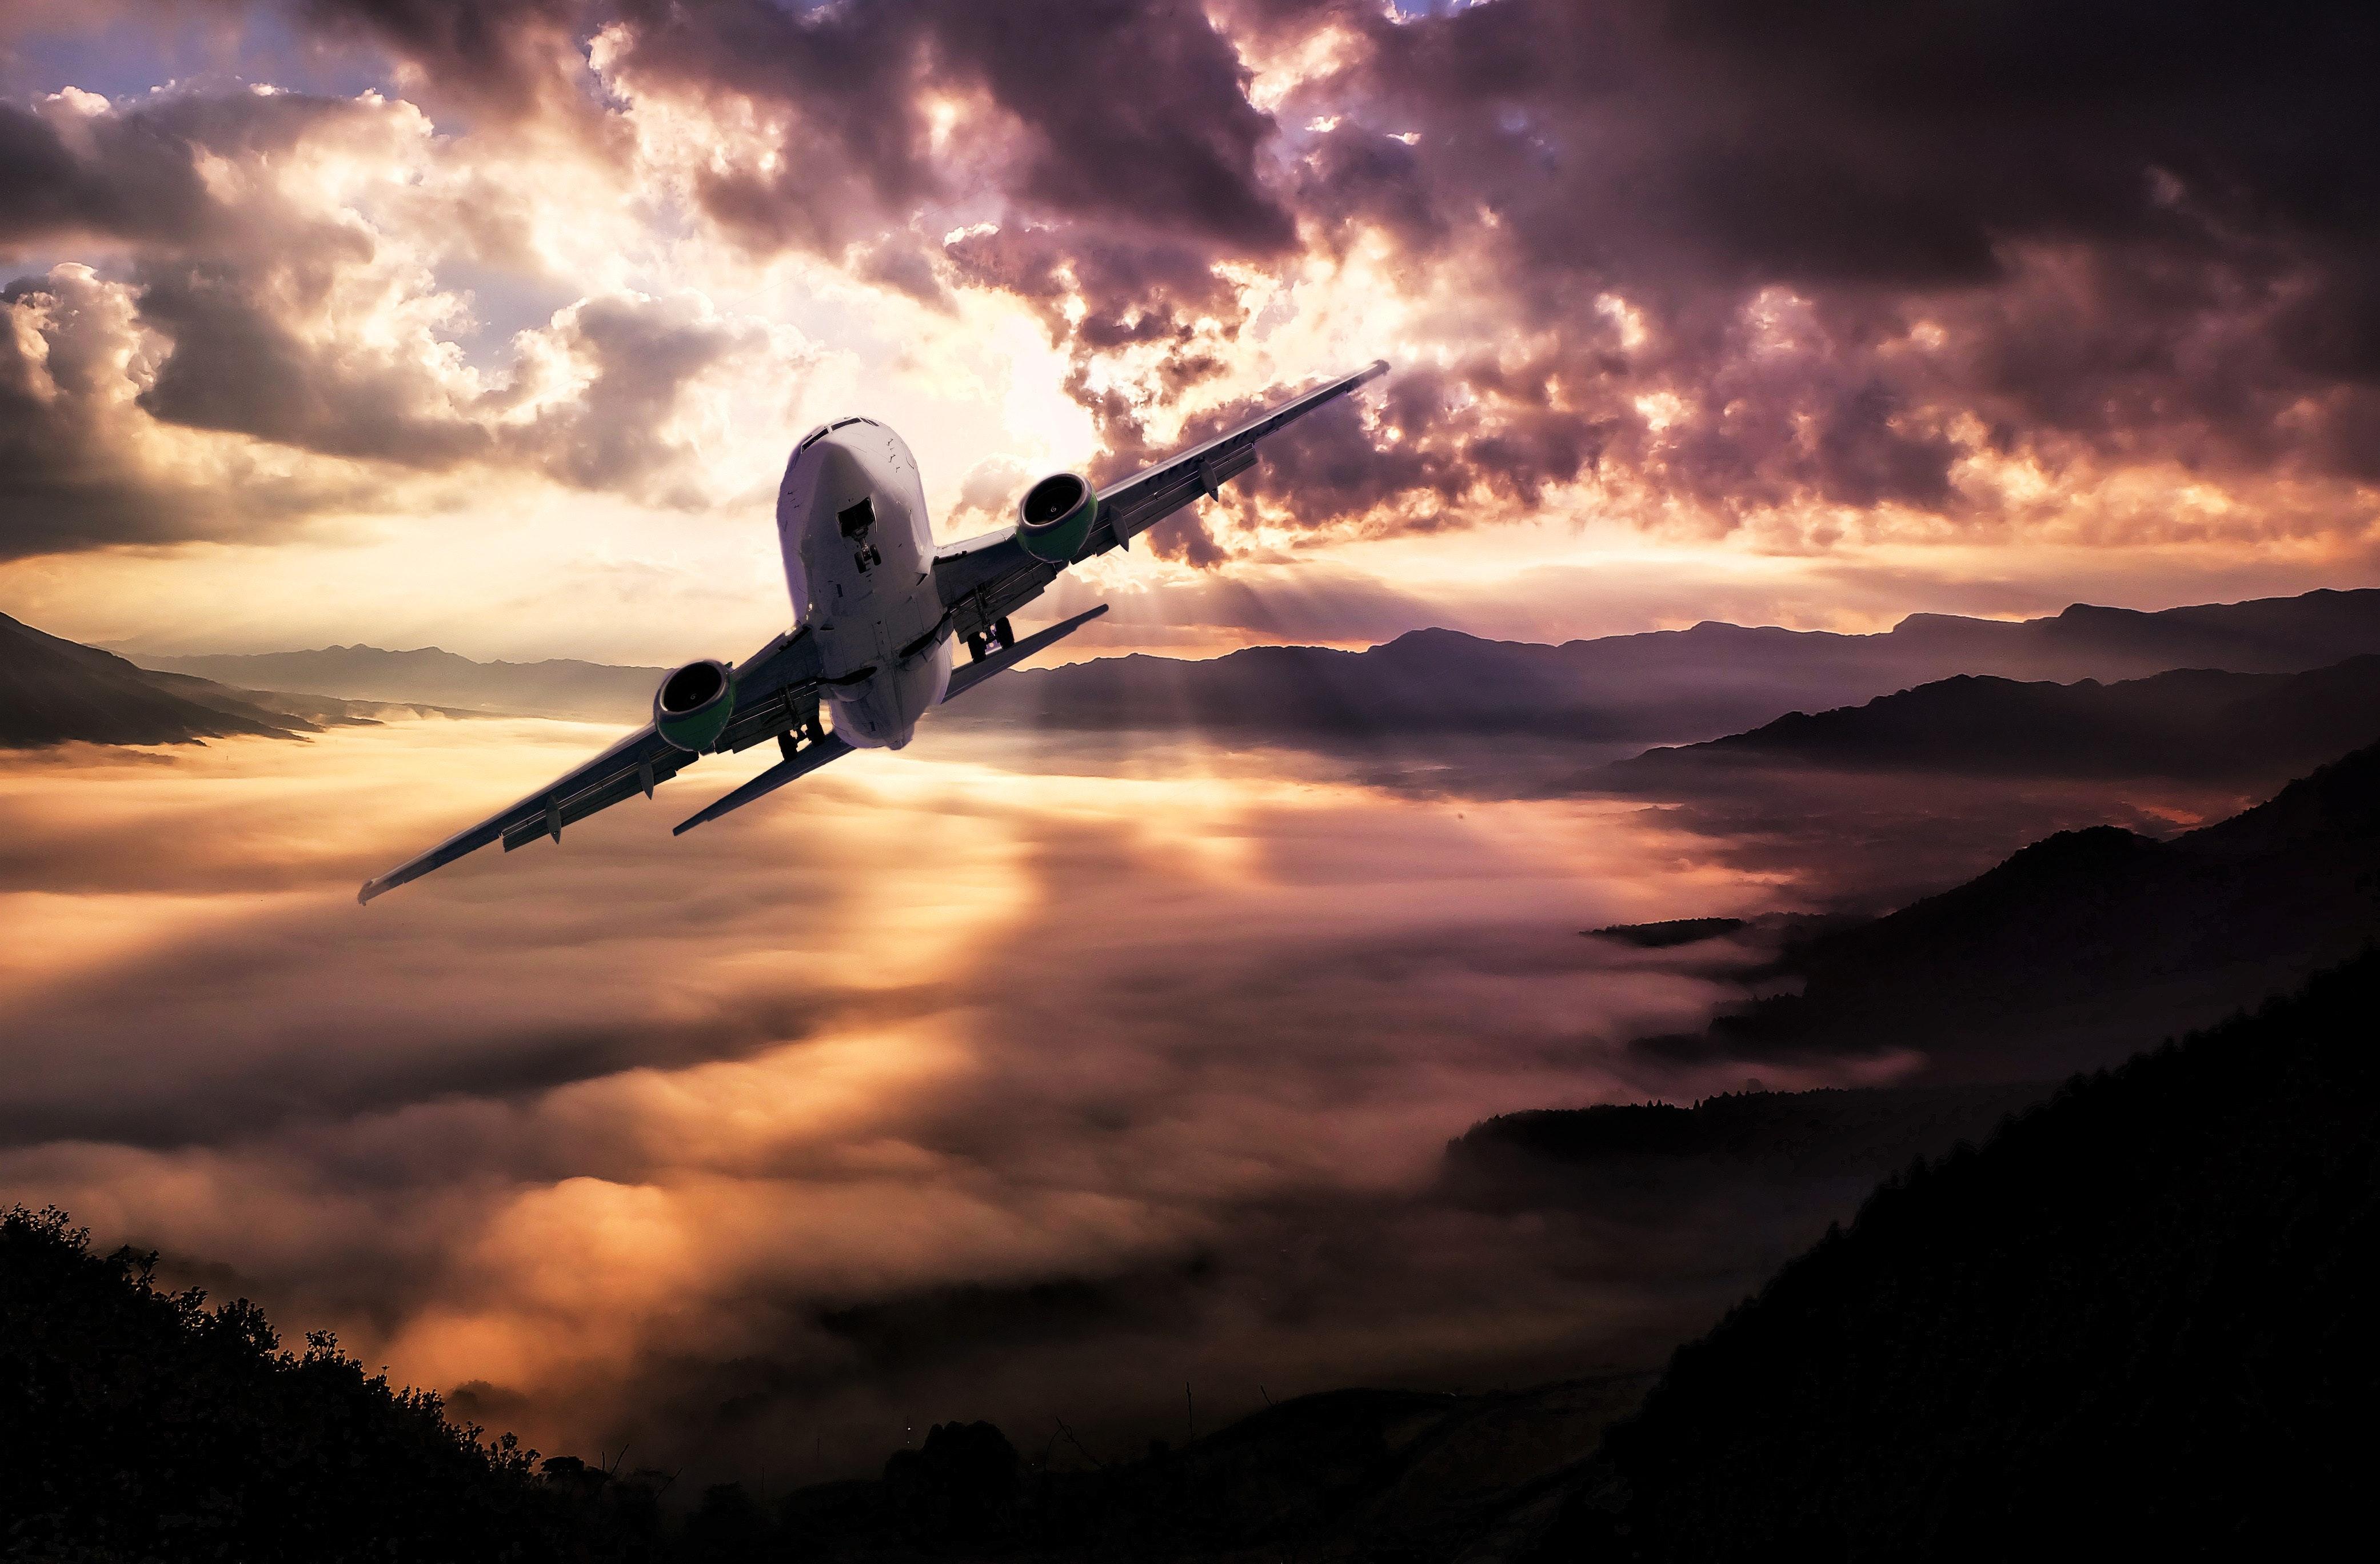 Un avión privado que se desliza entre las nubes, alquilado a AvPro.